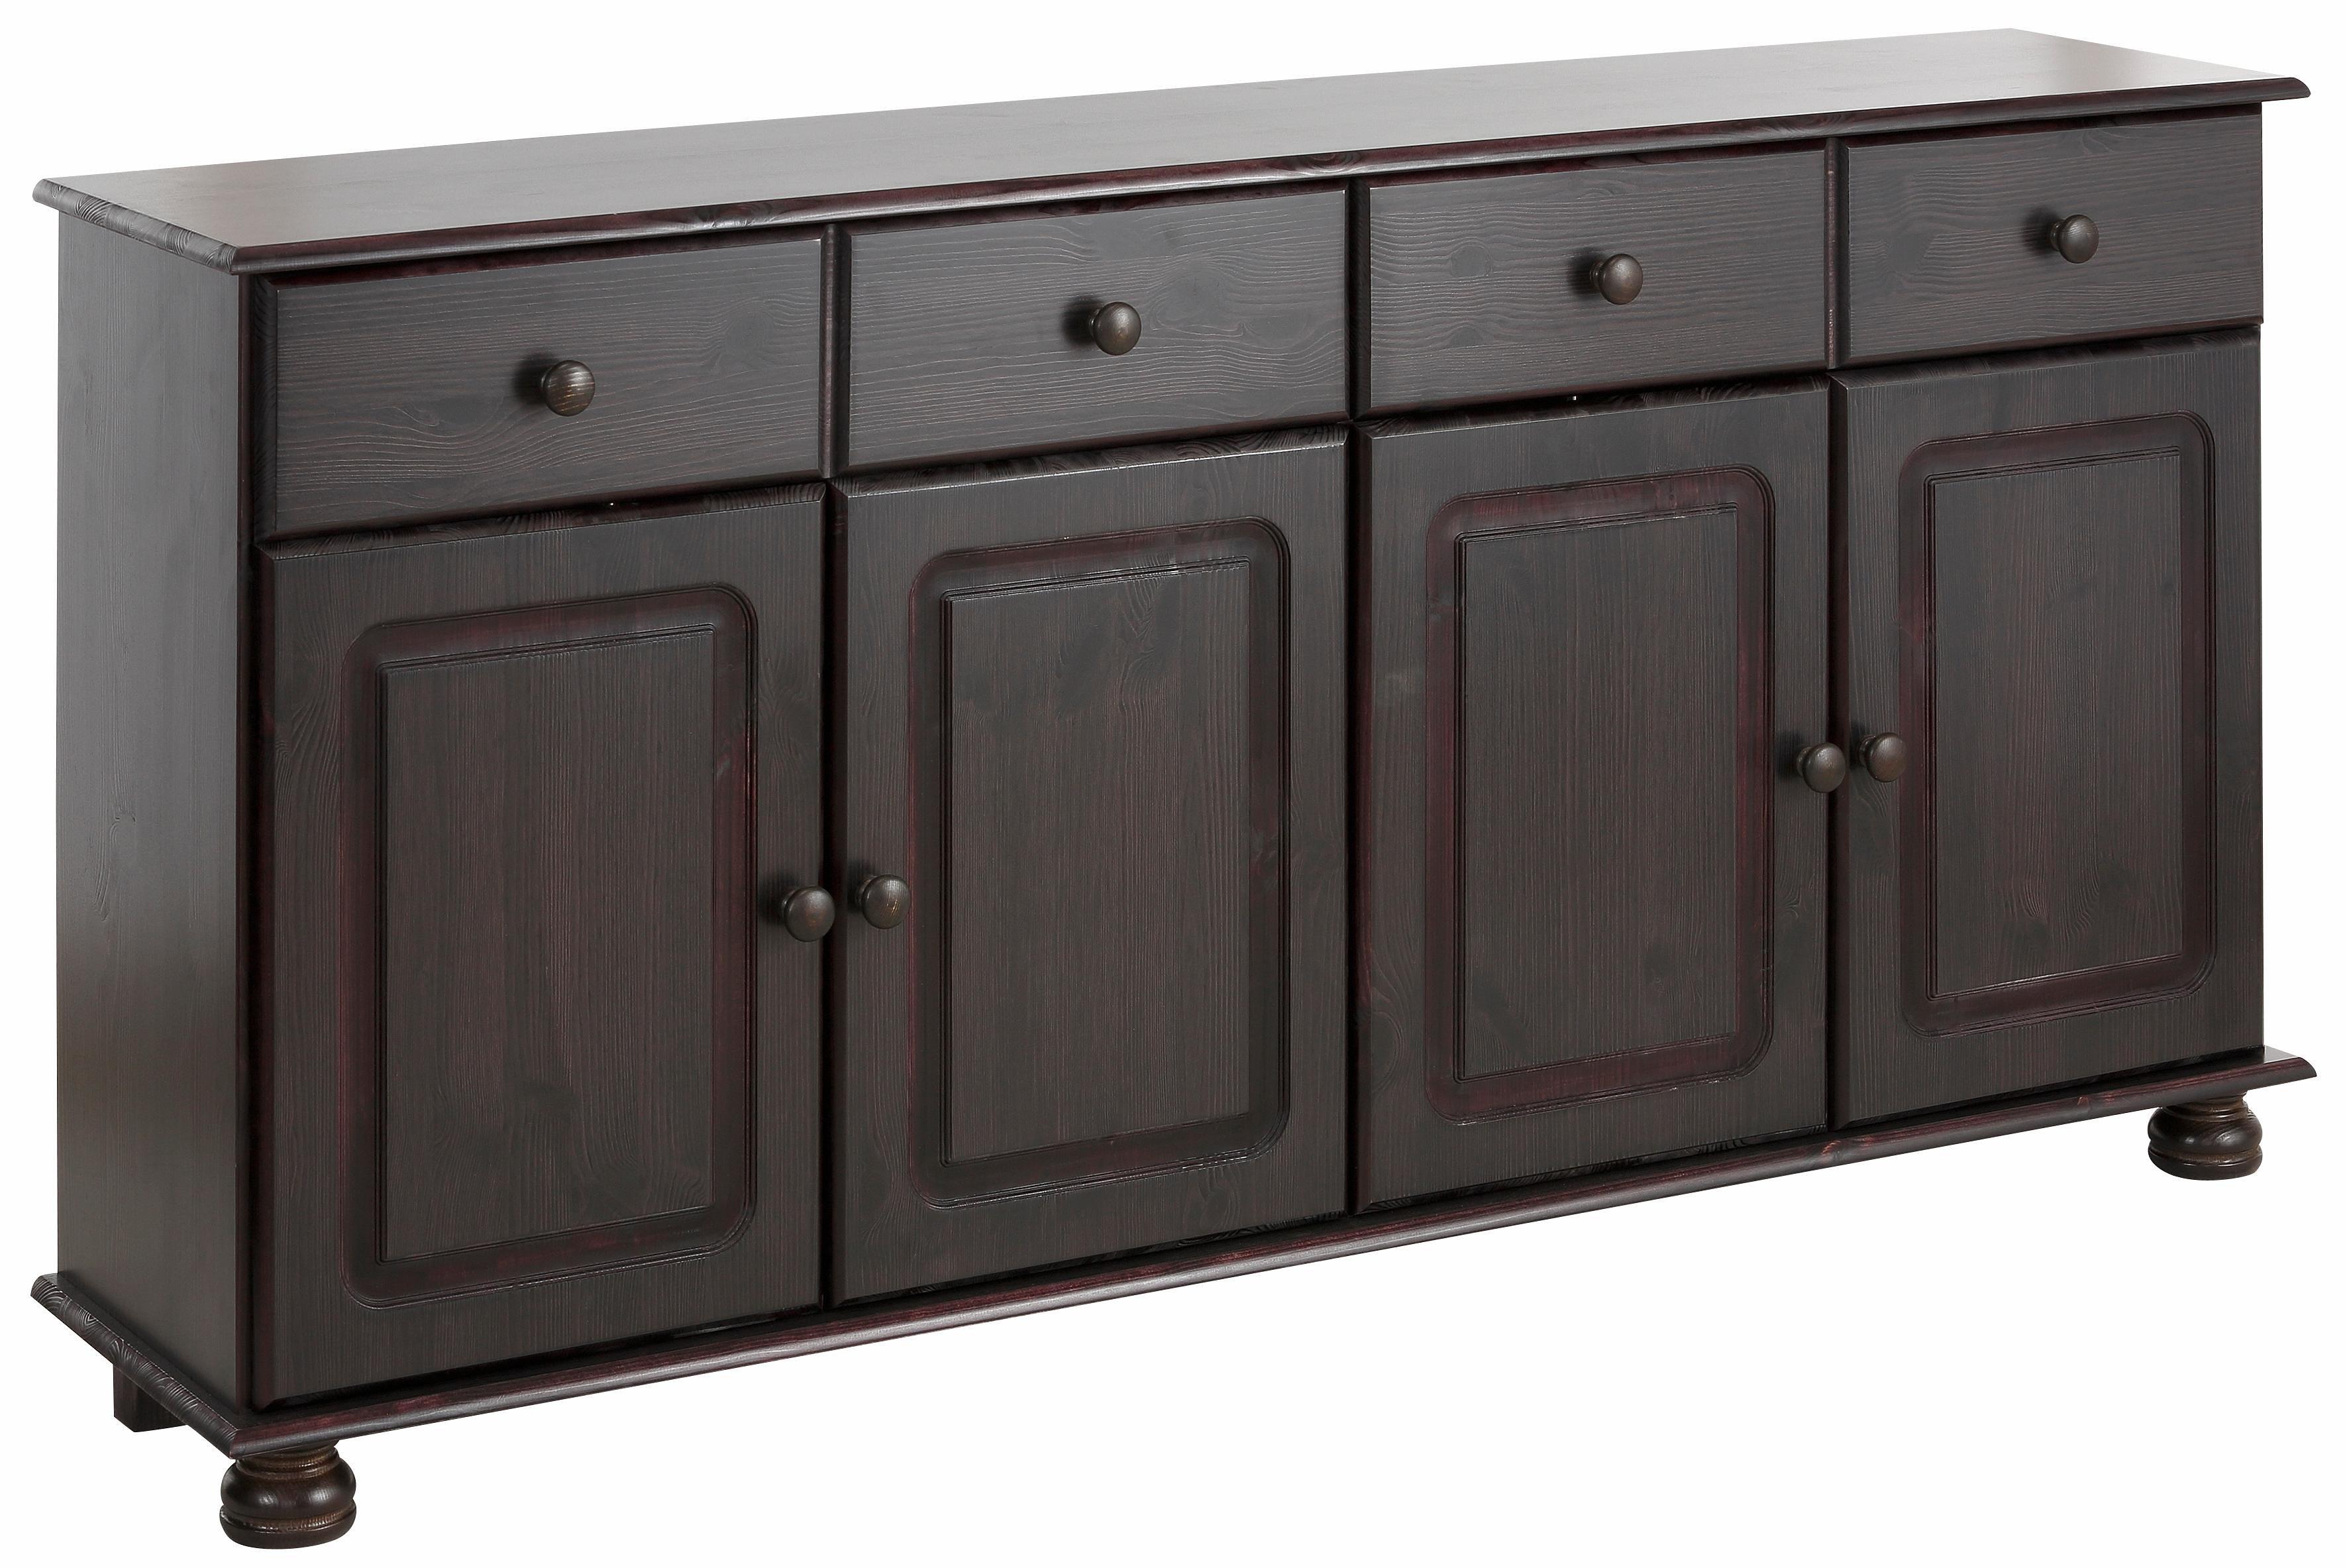 Home affaire dressoir Mette van mooi massief grenenhout, in meer kleurvarianten, breedte 156 cm veilig op otto.nl kopen